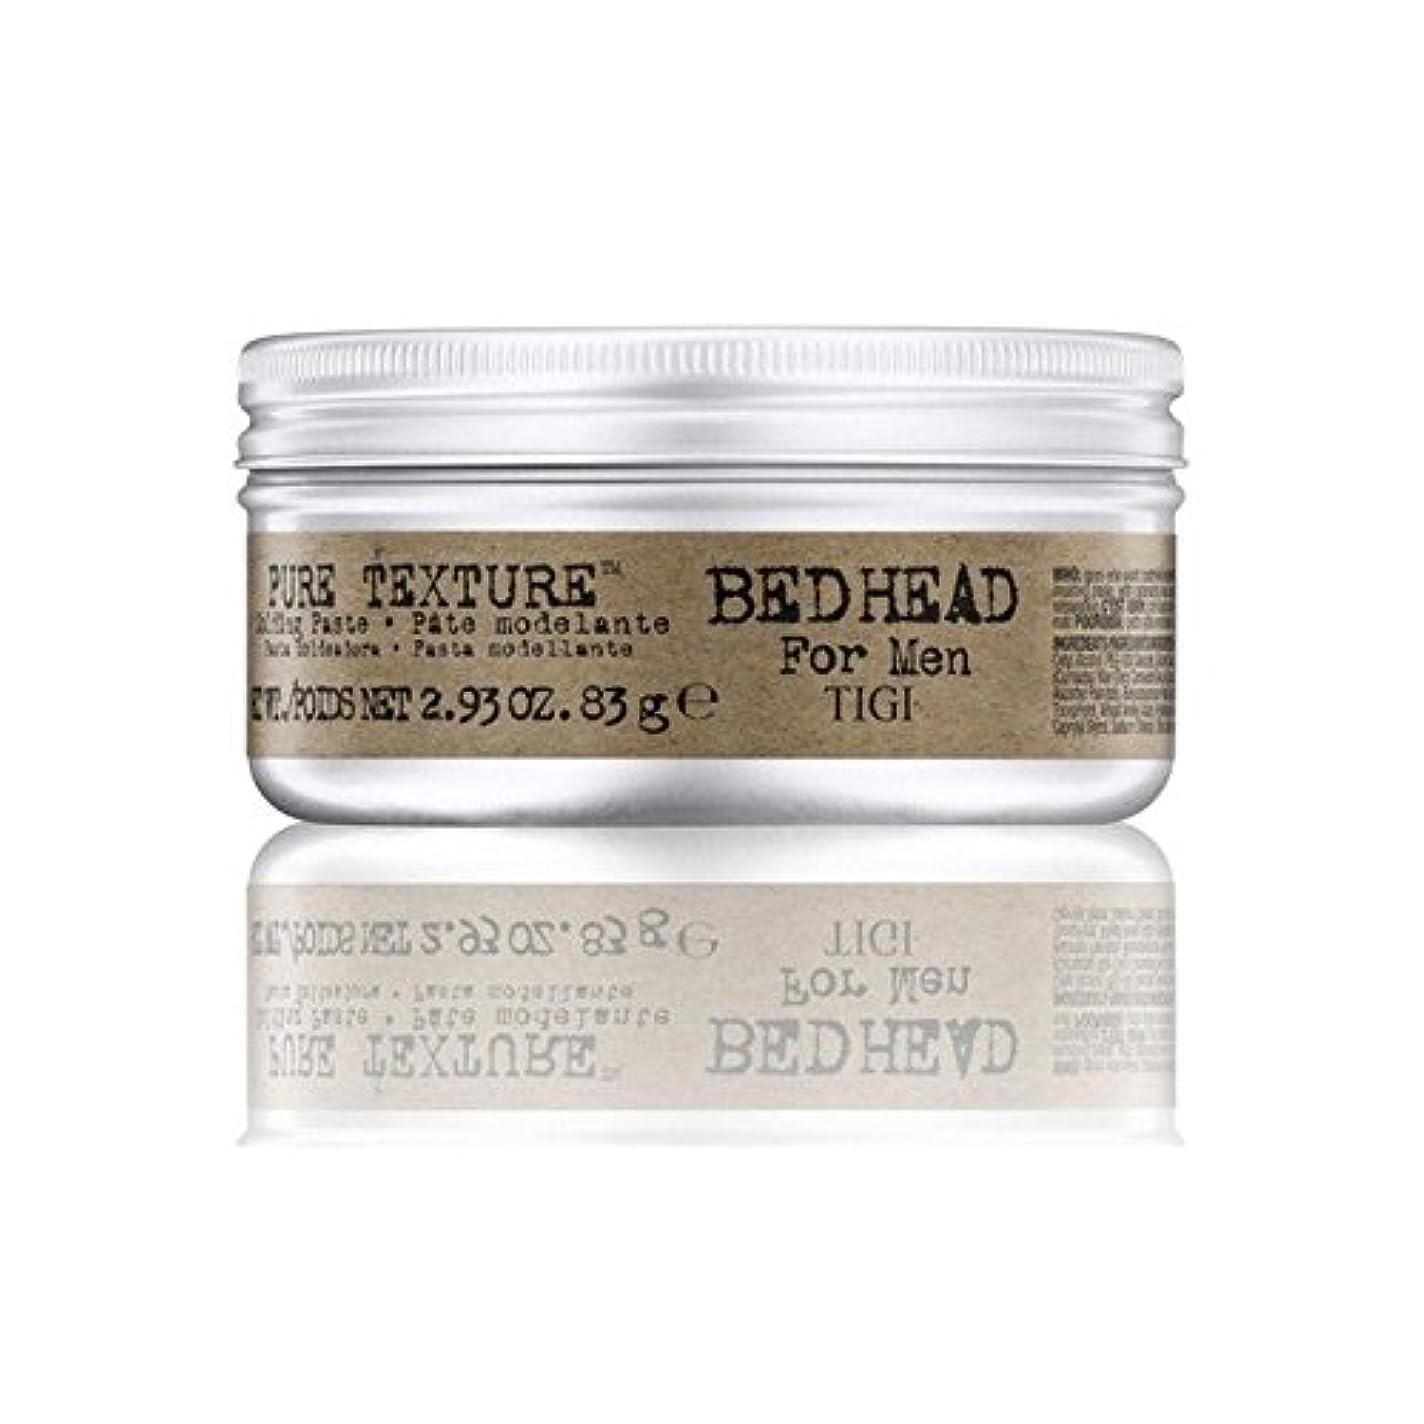 体現するモーションショップ男性の純粋なテクスチャーモールディングペースト(83グラム)のためのティジーベッドヘッド x2 - Tigi Bed Head For Men Pure Texture Molding Paste (83G) (Pack...